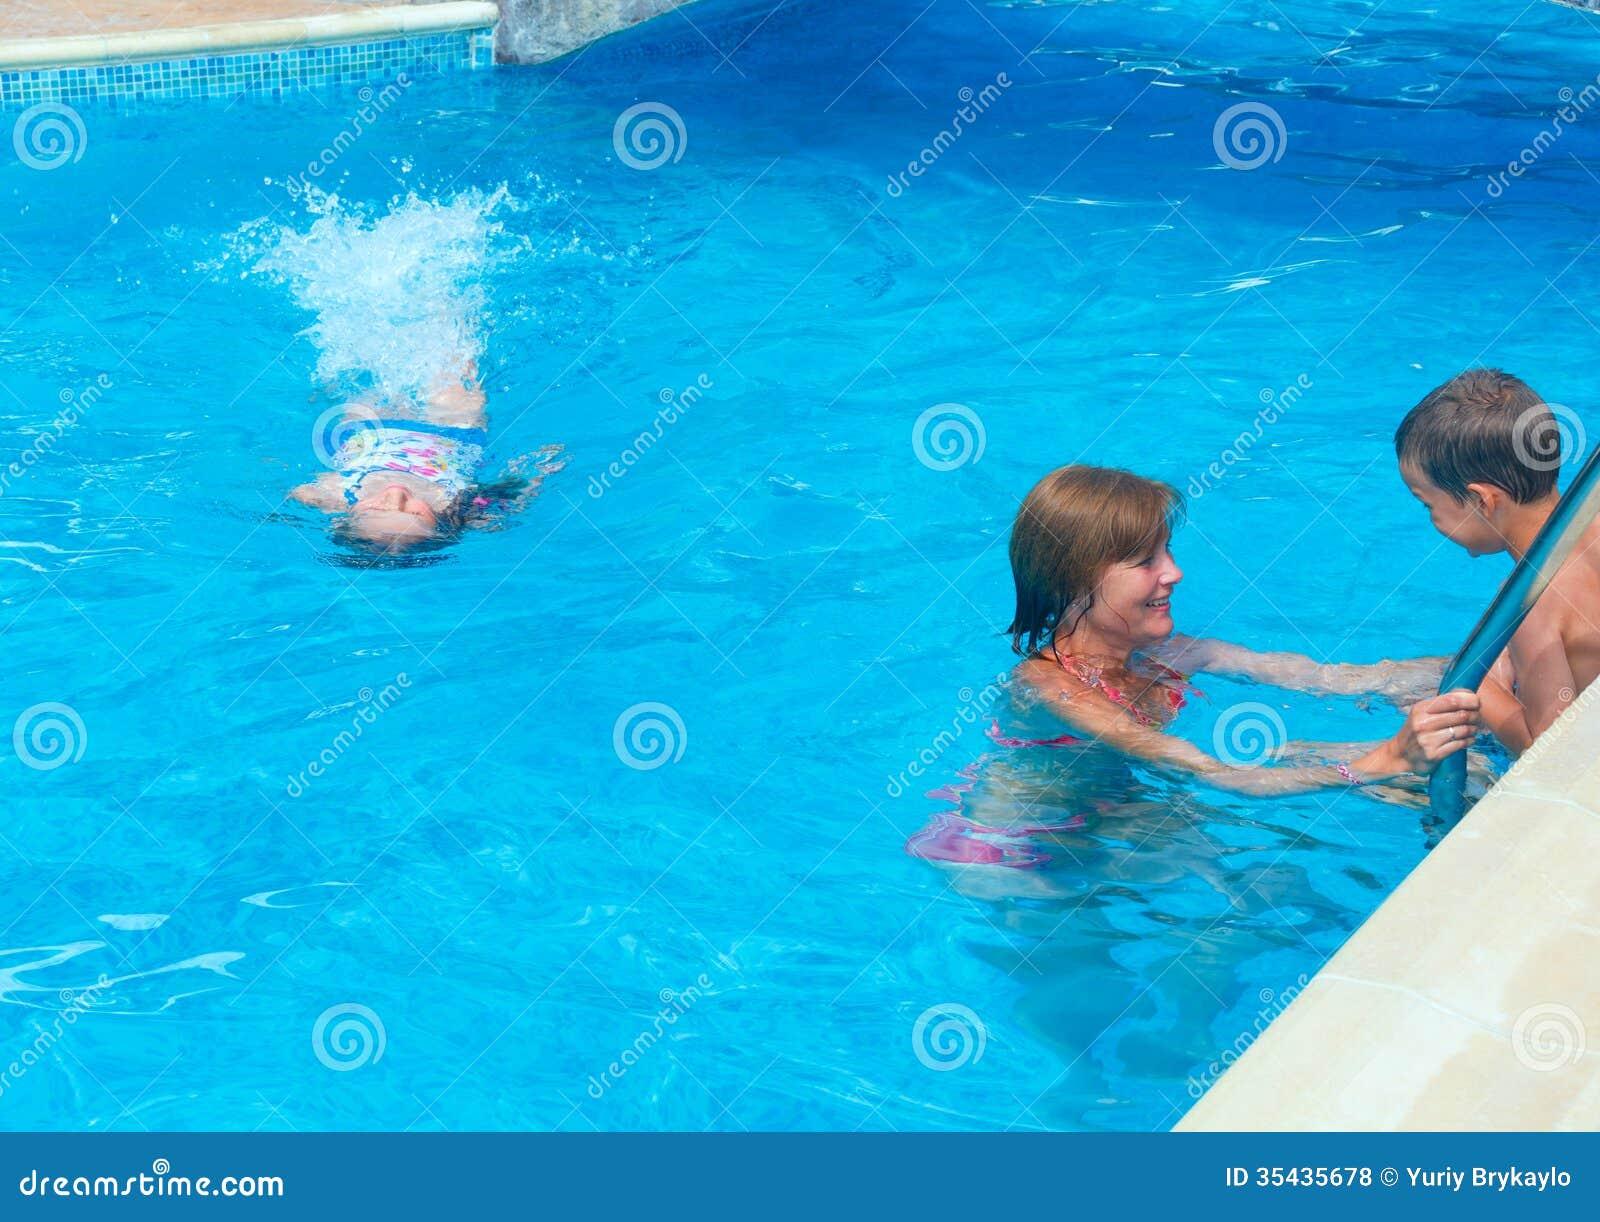 Famille nager dans la piscine photos libres de droits for Piscine pour nager